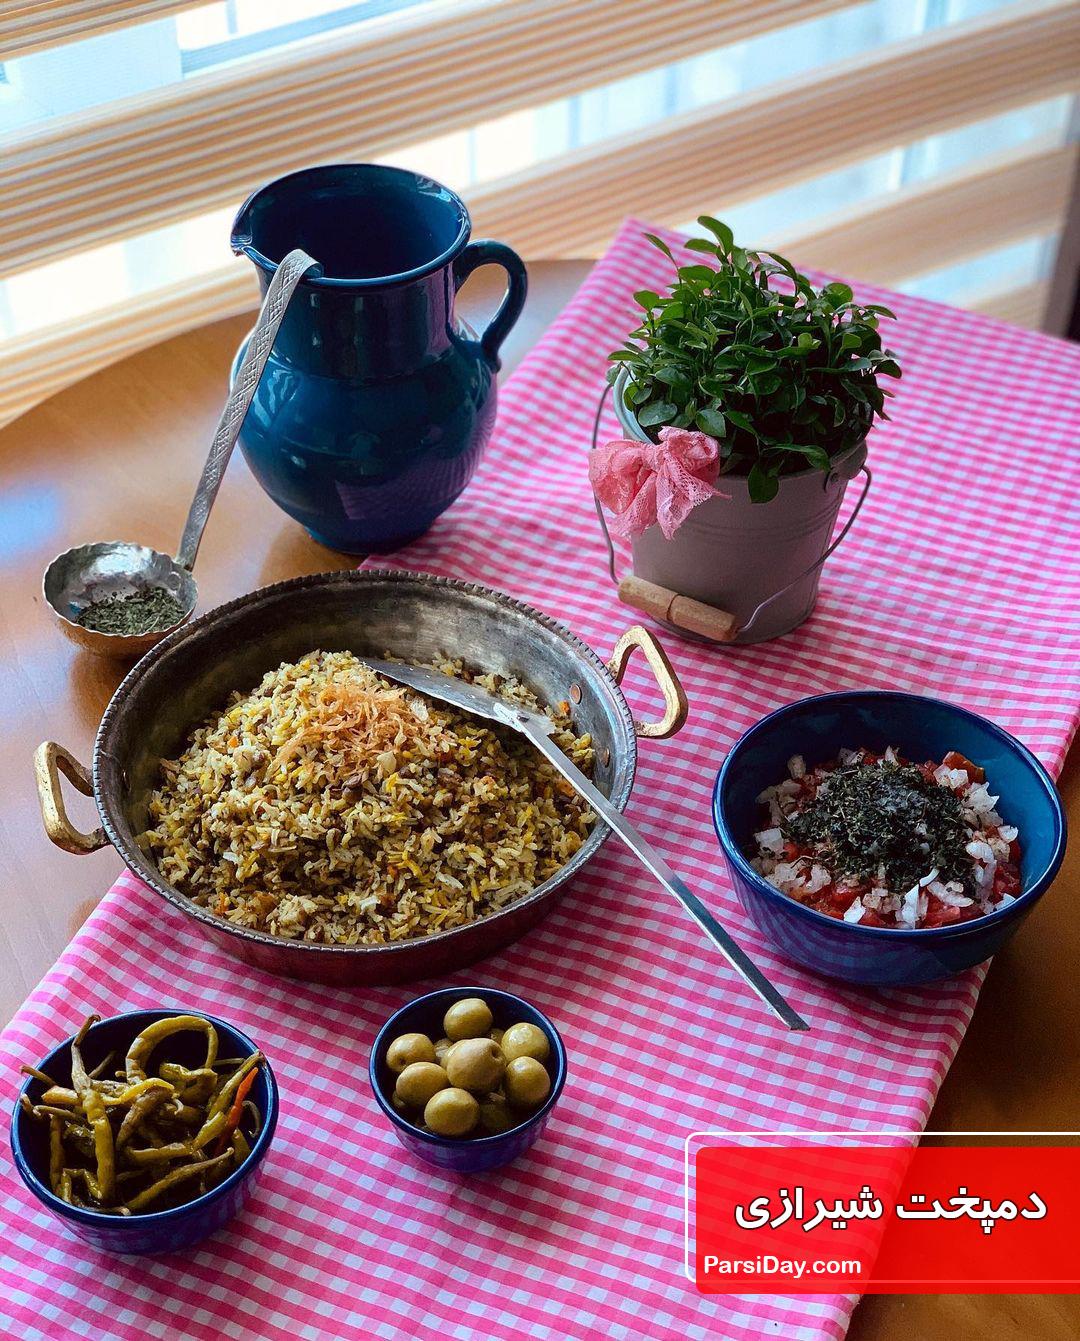 طرز تهیه دمپخت شیرازی ساده با عدس بدون گوشت مرحله به مرحله